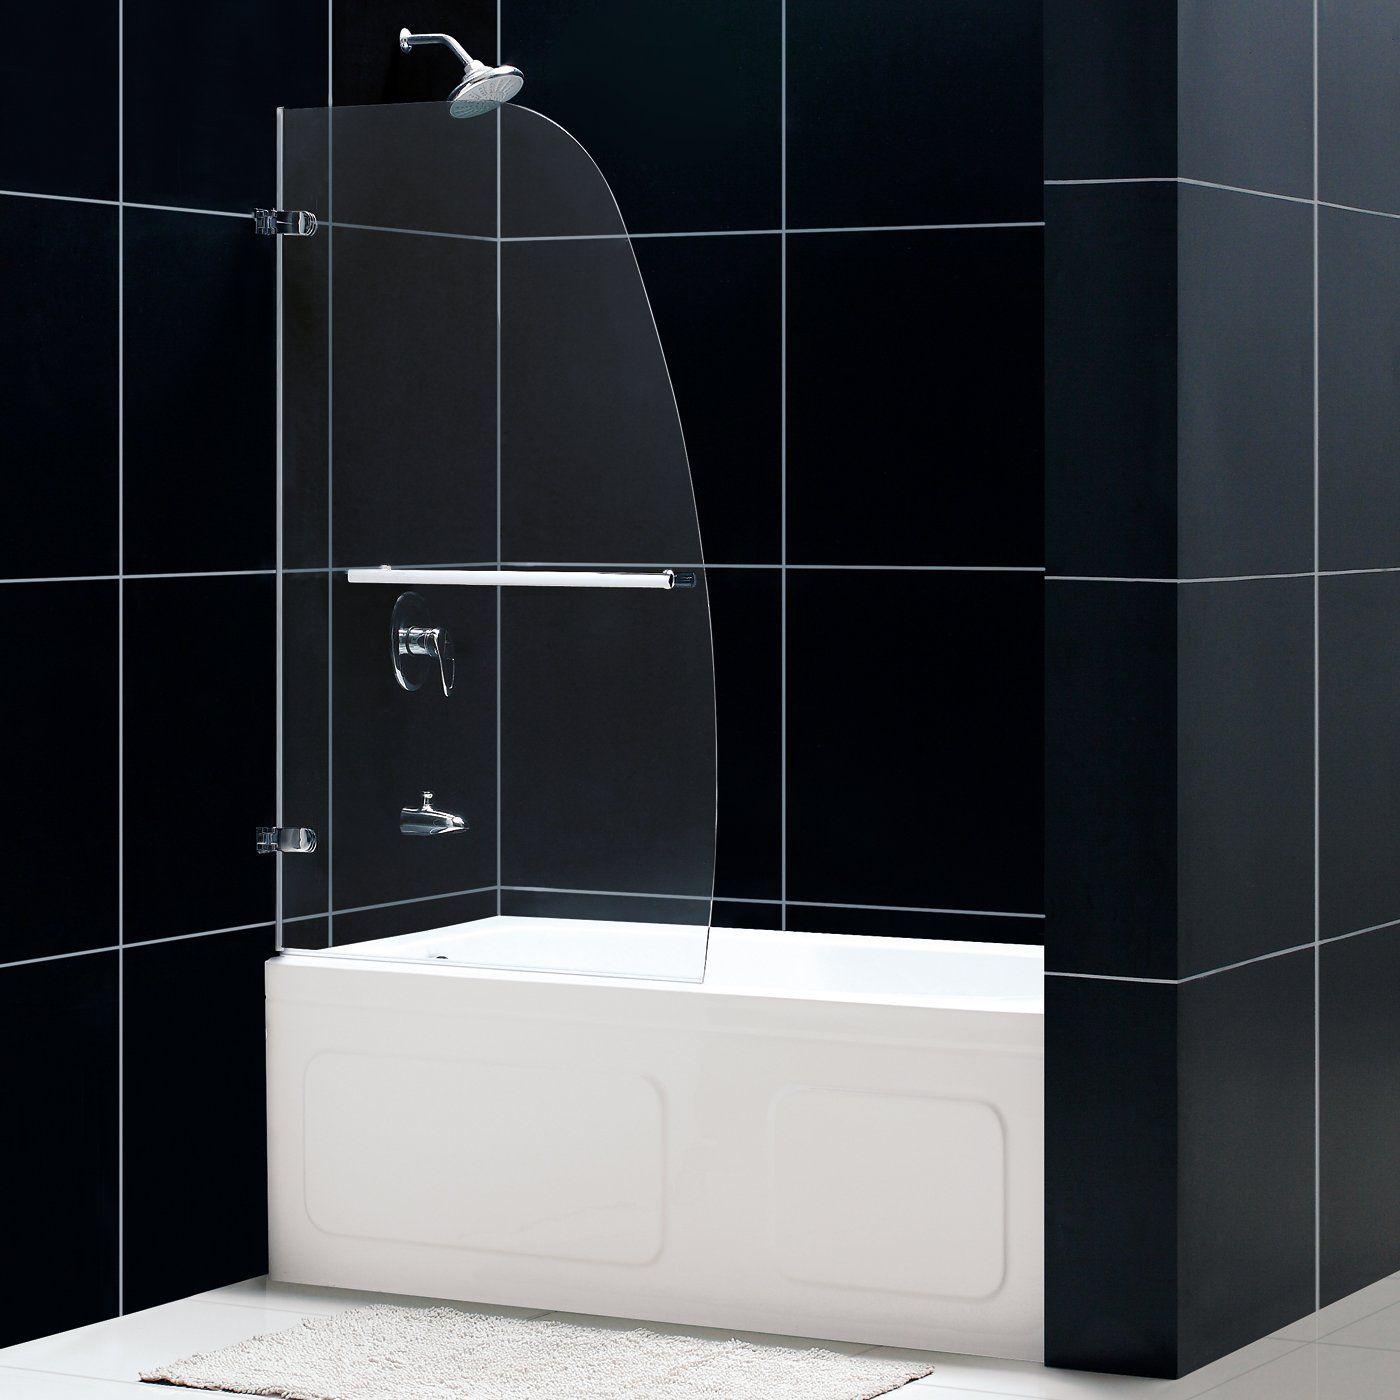 Dreamline Shdr 3534586 01 Aqua Uno Single Panel Hinged Tub